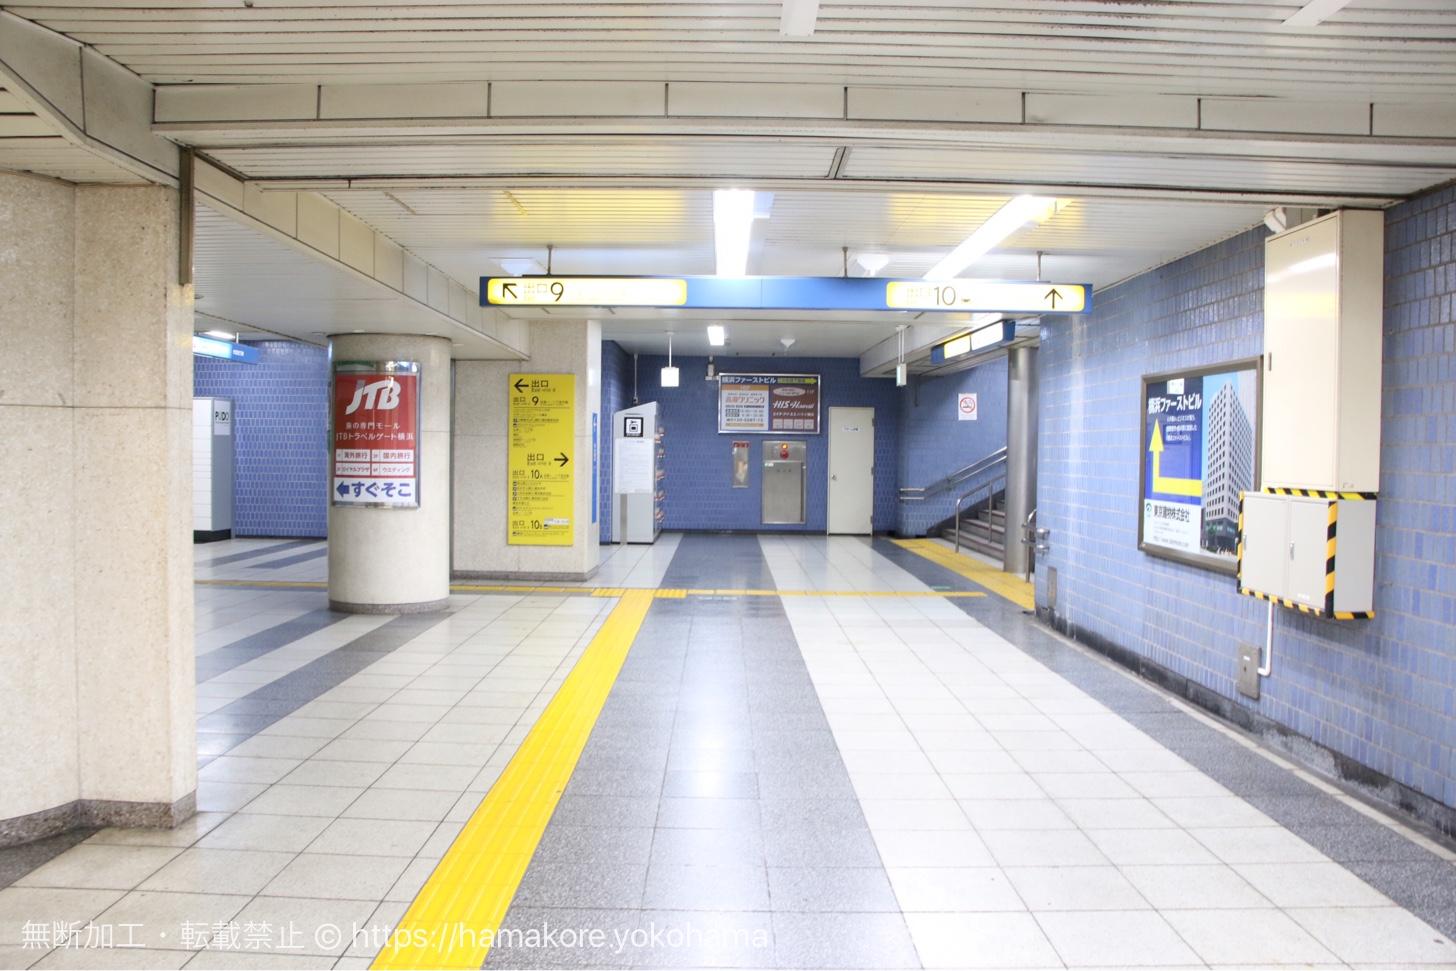 地下鉄 地下1階 奥側にあるコインロッカー